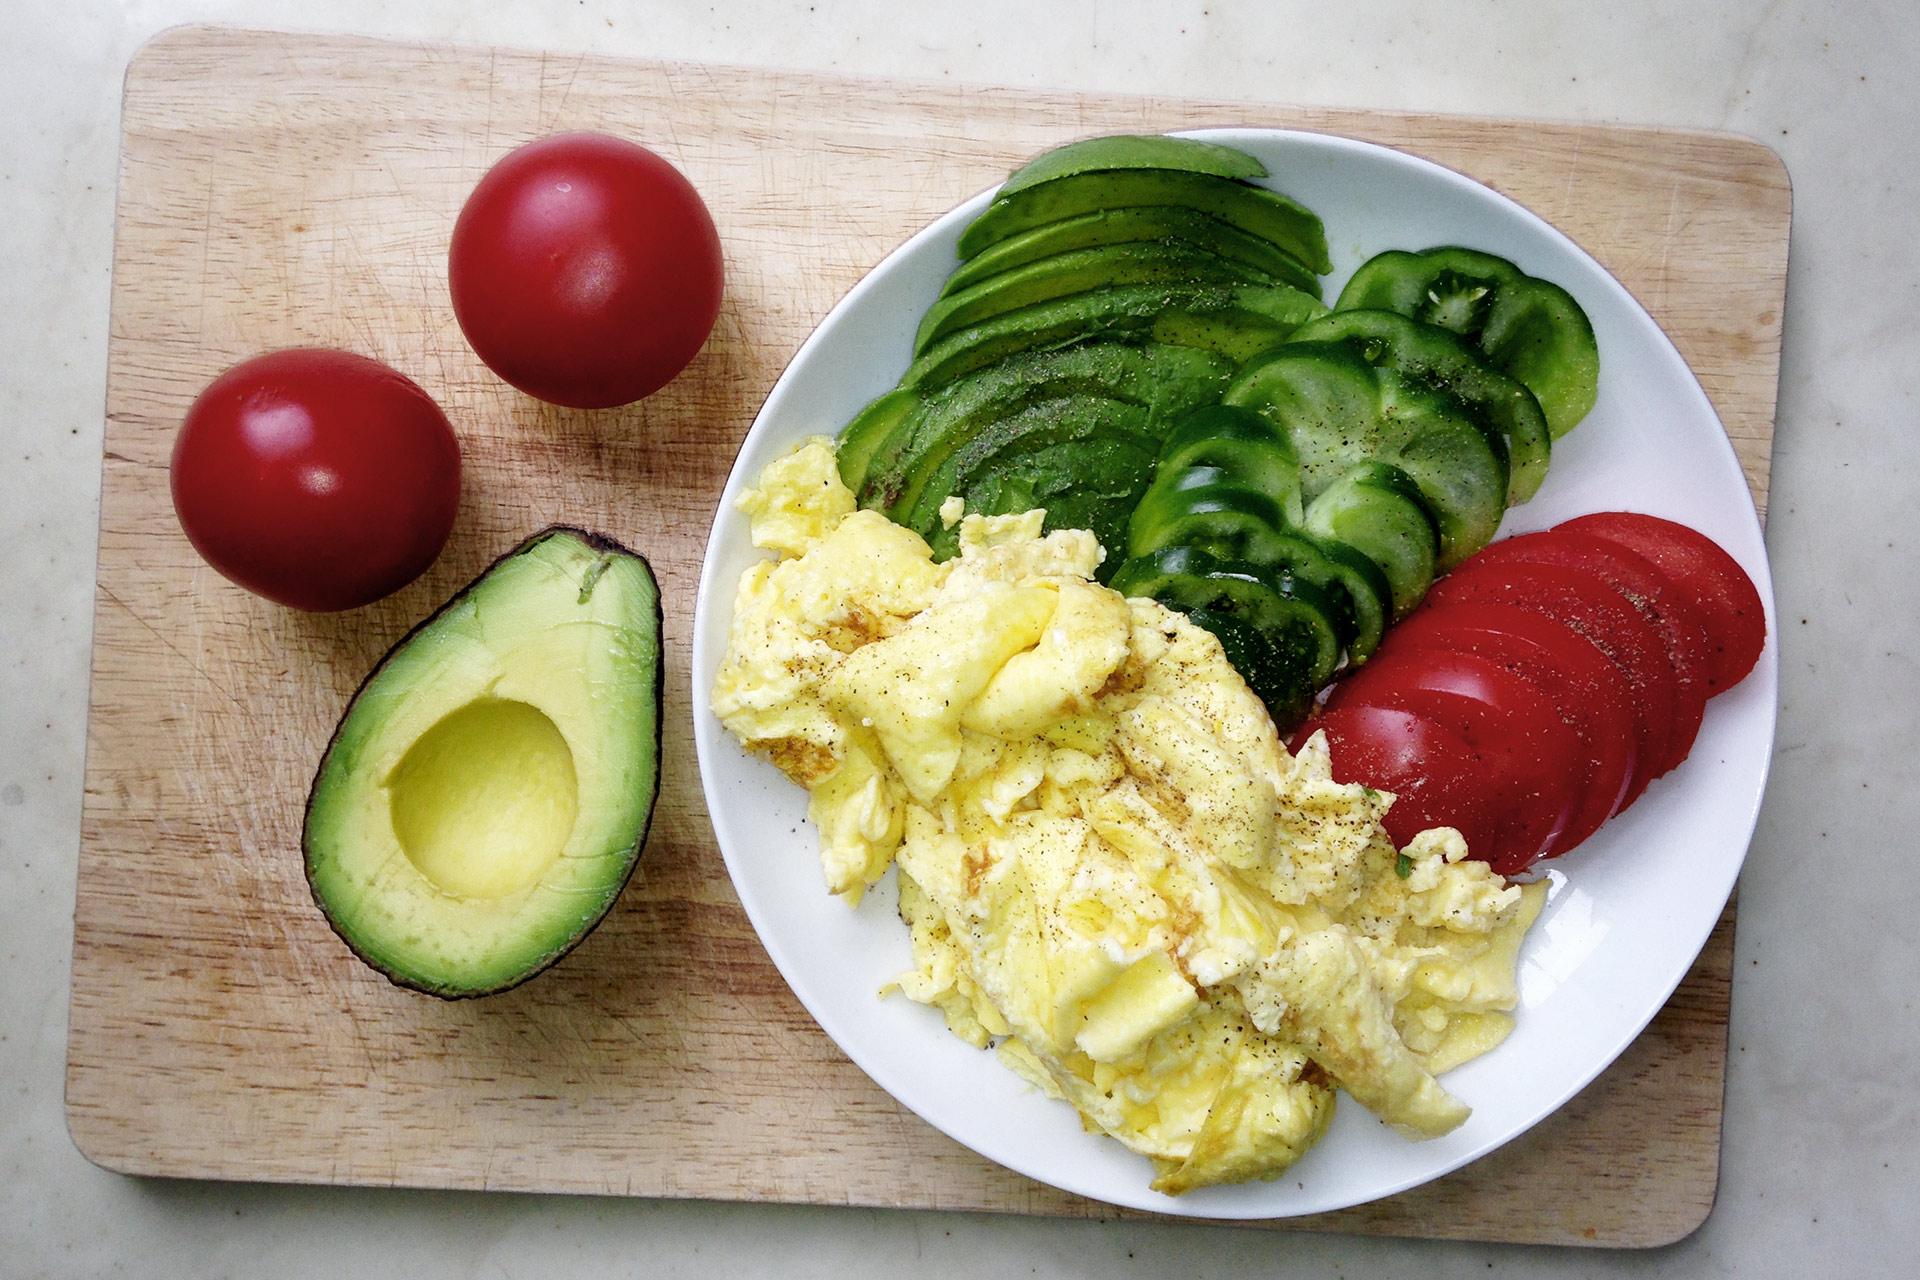 ECHT IS(S)T BESSER! Der Mehrwert natürlicher Nahrungsmittel im Sport: Alles drin was Körper und geist brauchen - Proteine und ungesättigte Fette in Avocado, Rührei und Tomaten